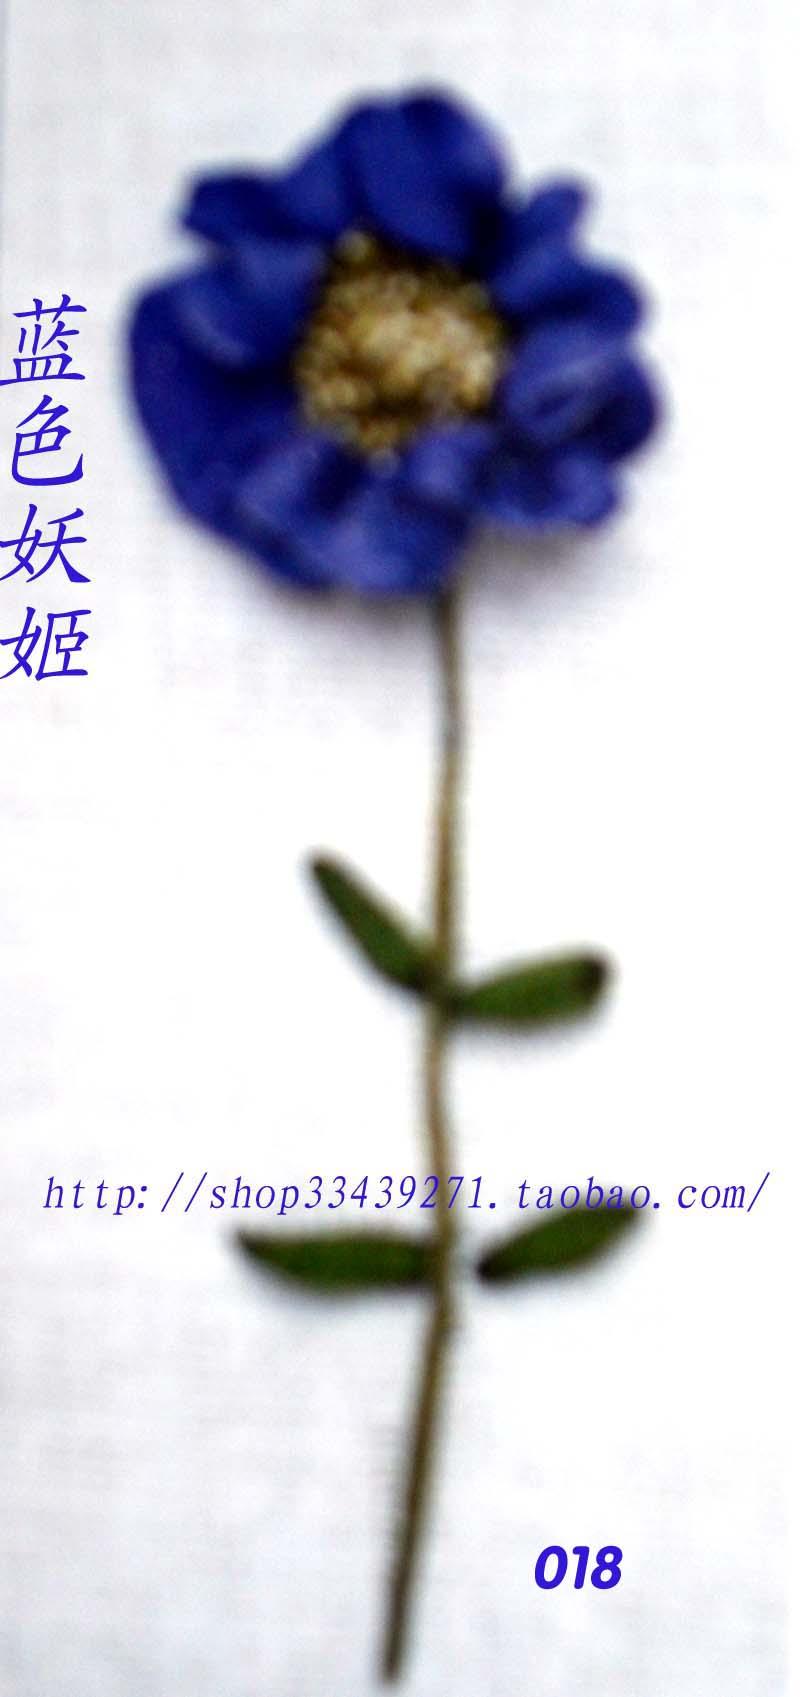 CIMG1108.jpg